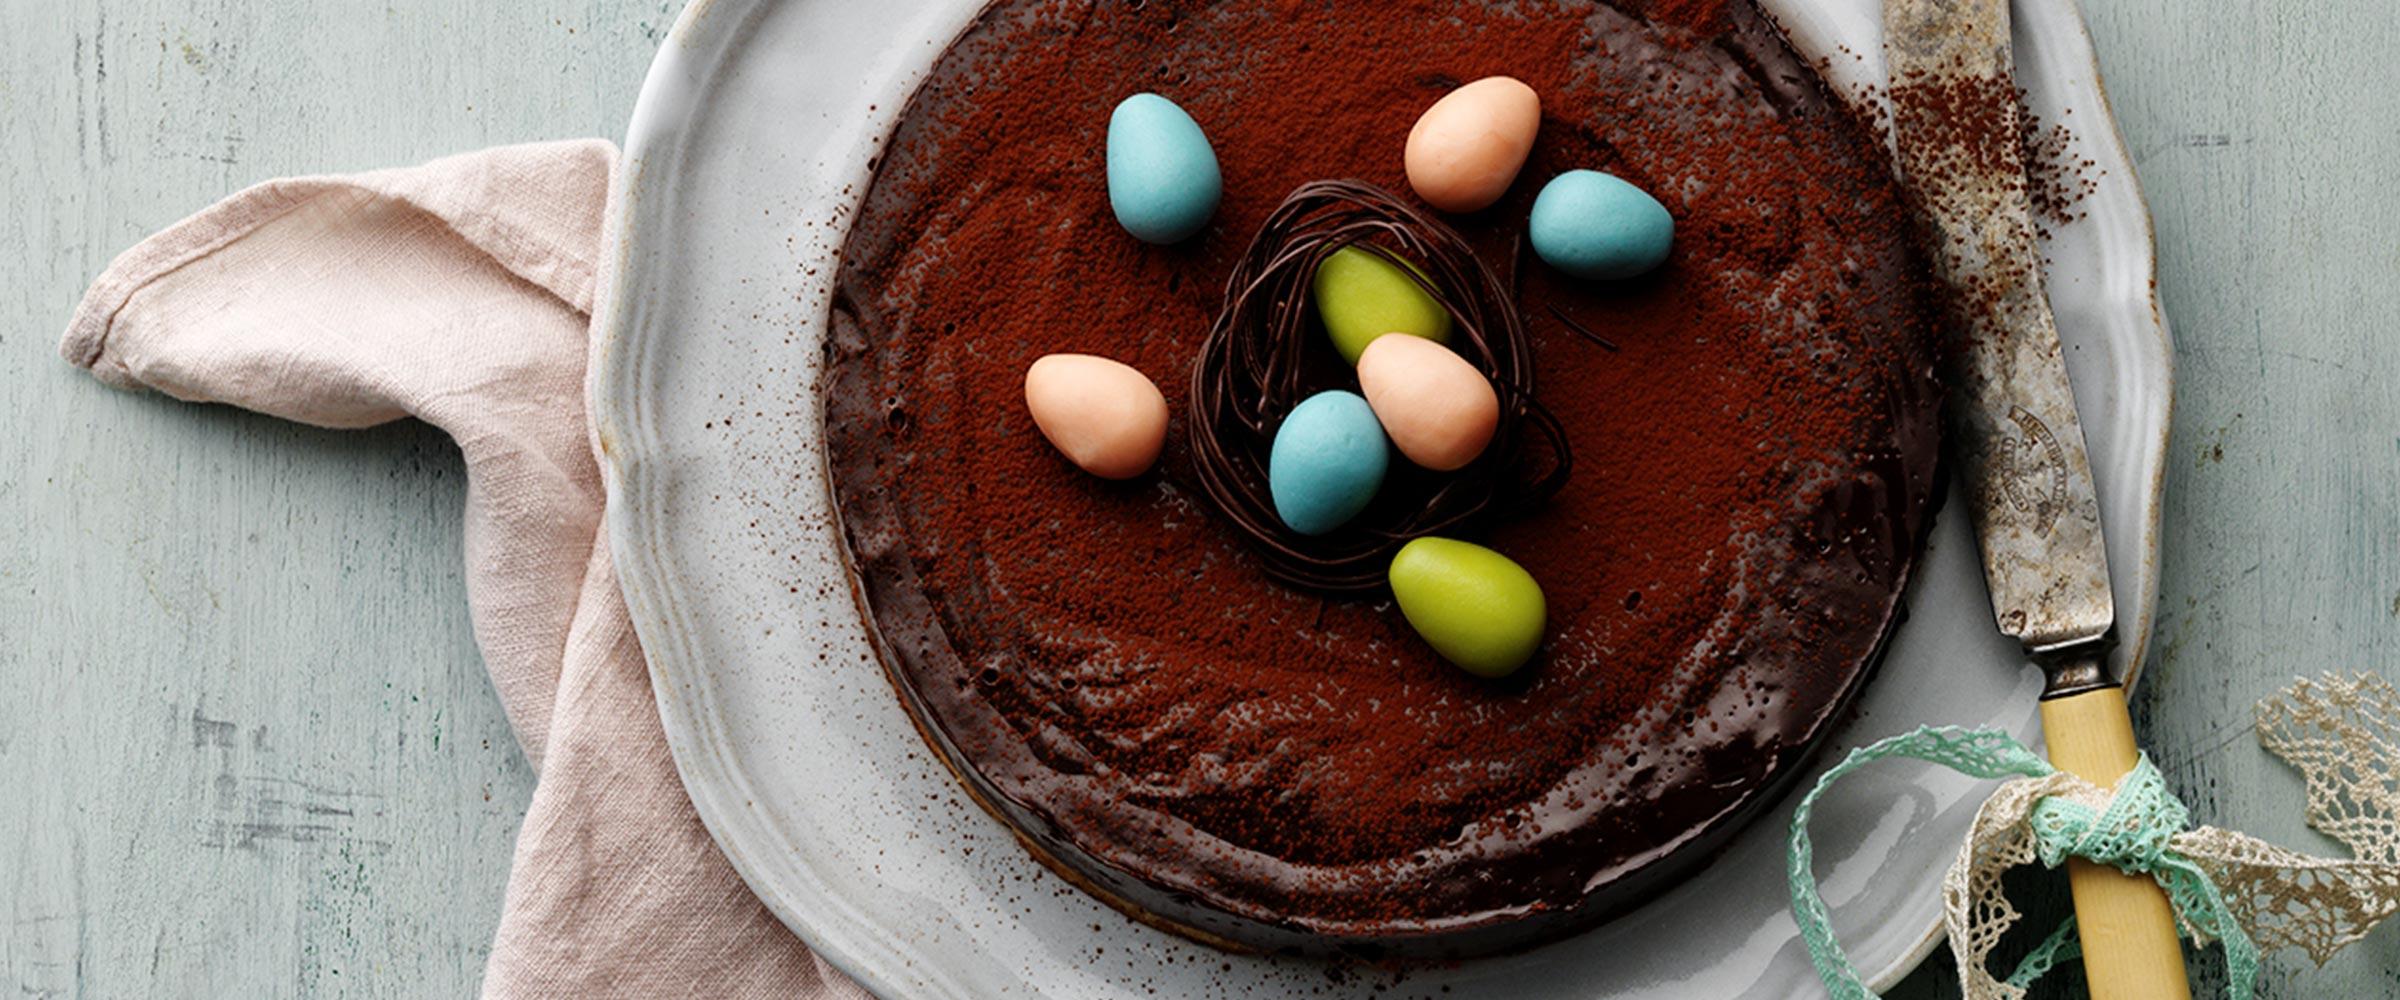 Påsktårta - Recept på tårtor till påsk